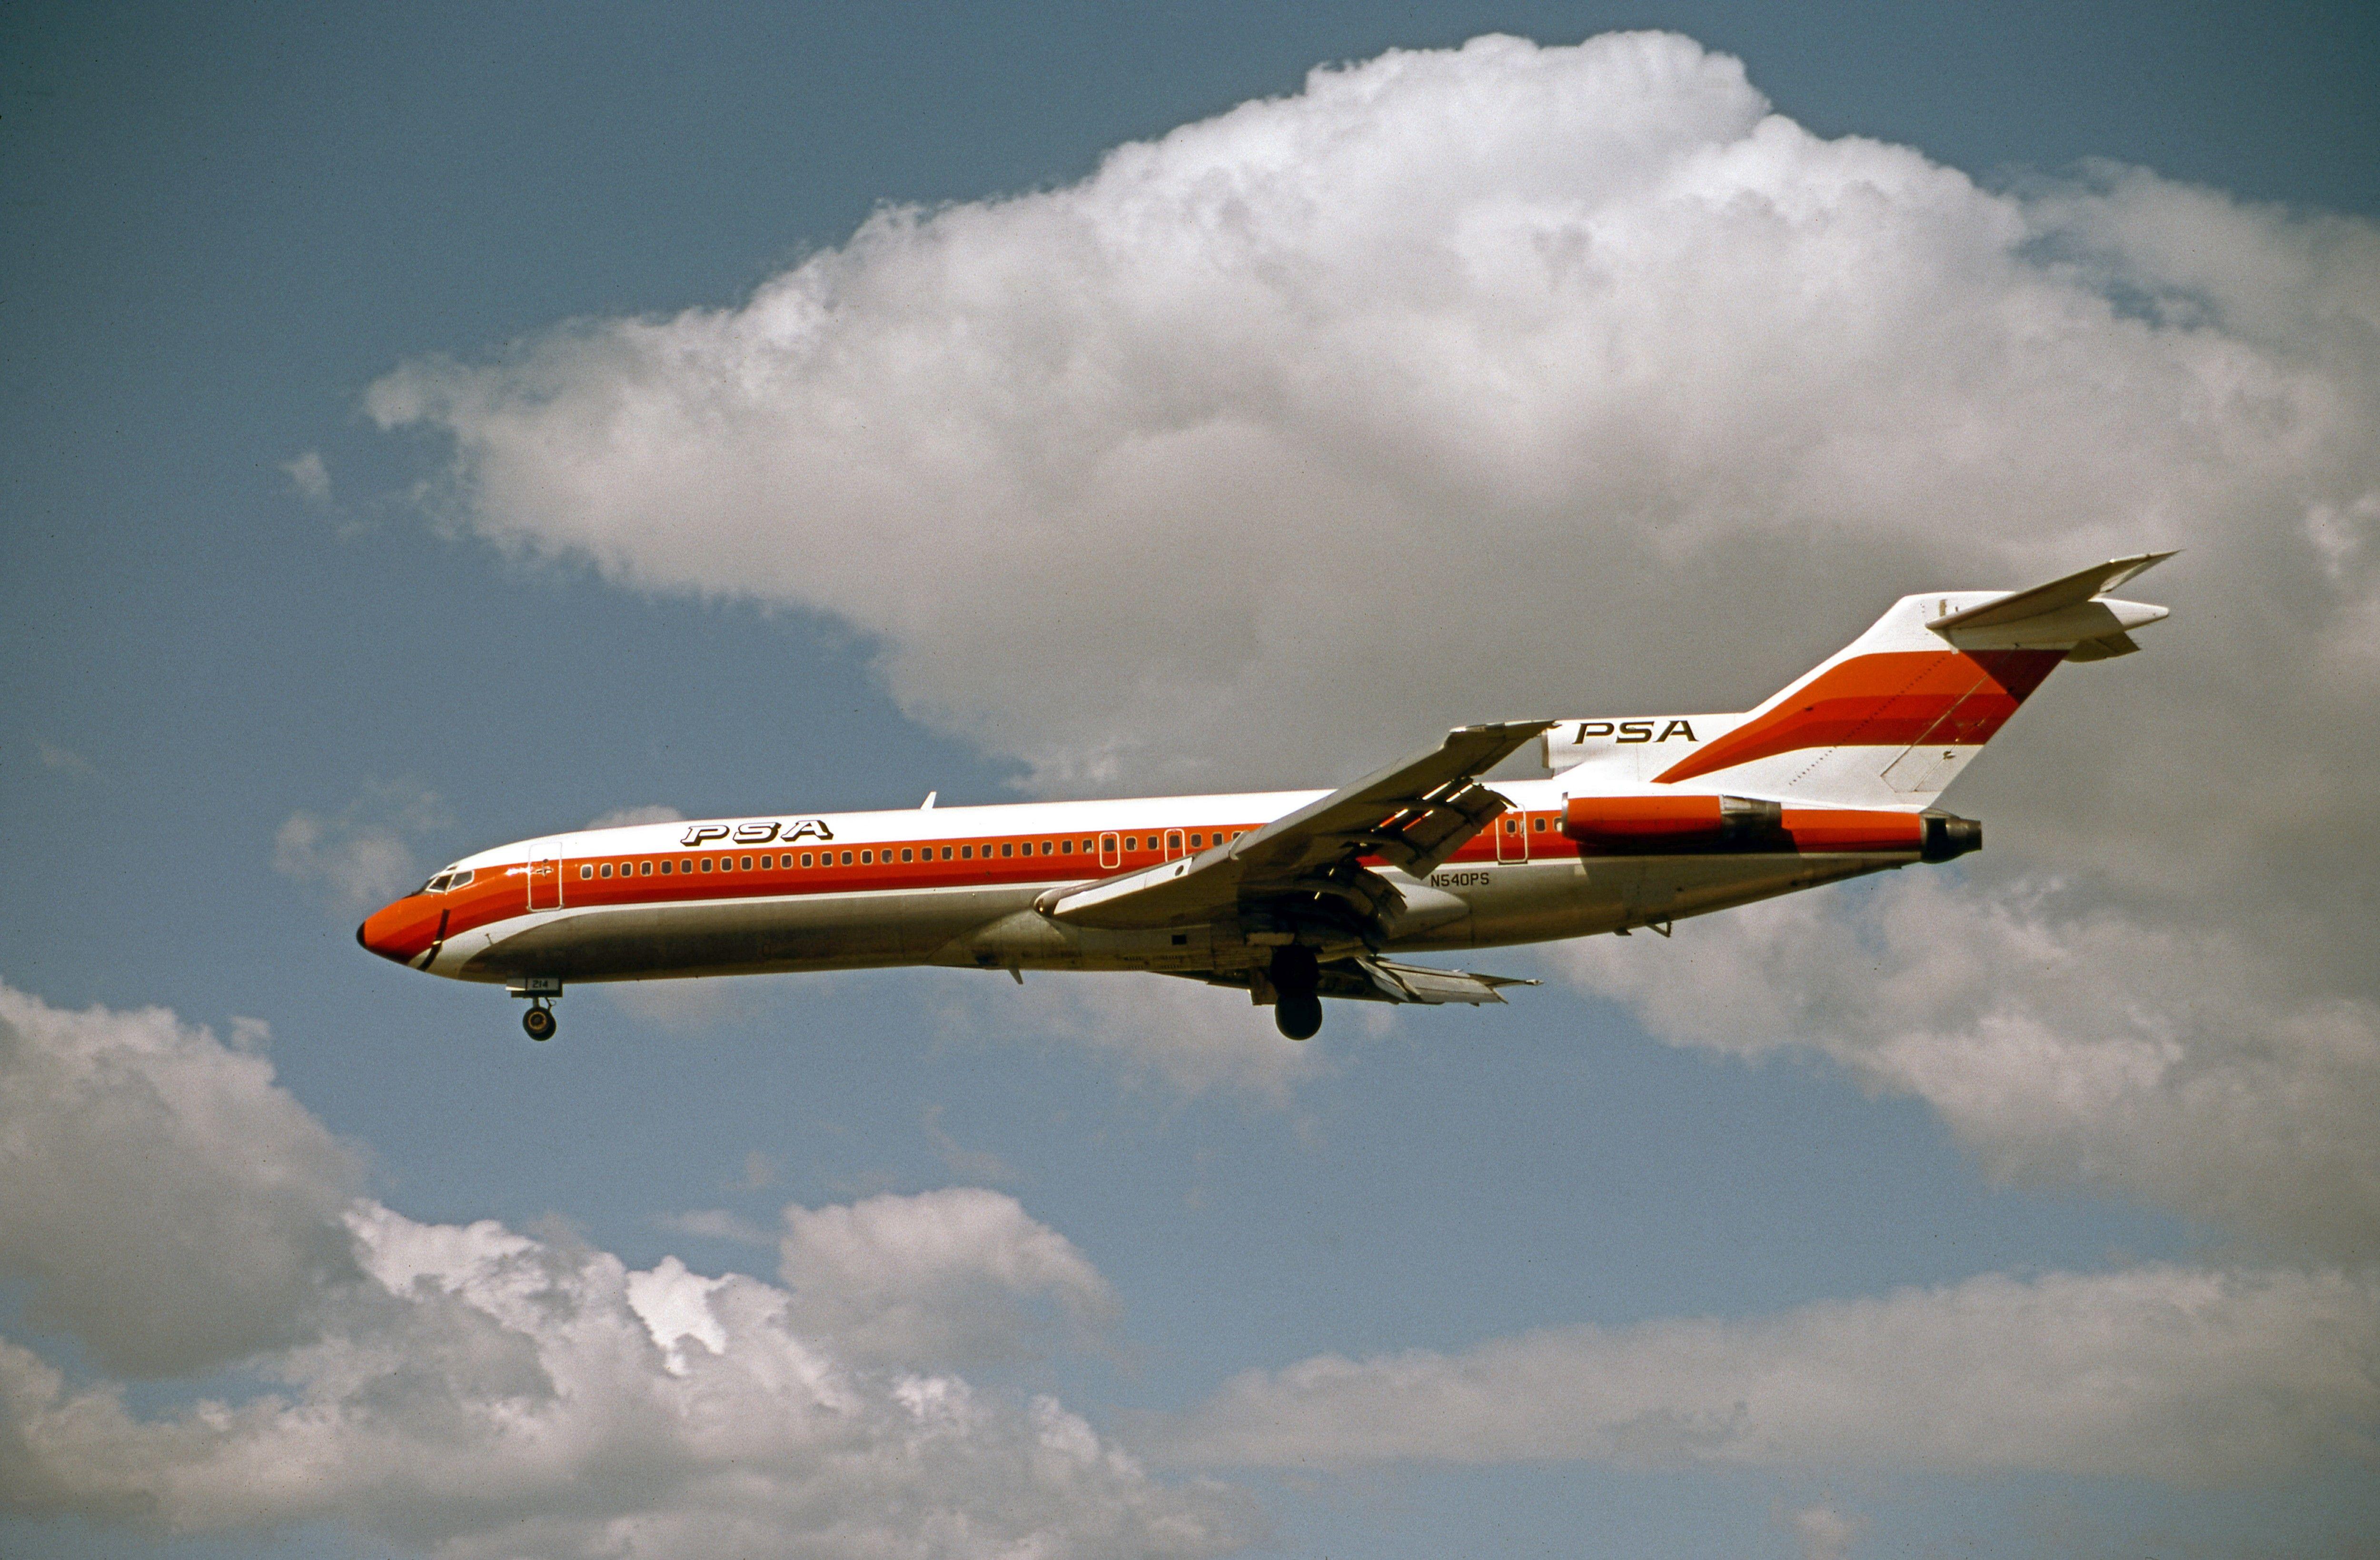 PSA 727200 Passenger, Passenger jet, Southwest airlines